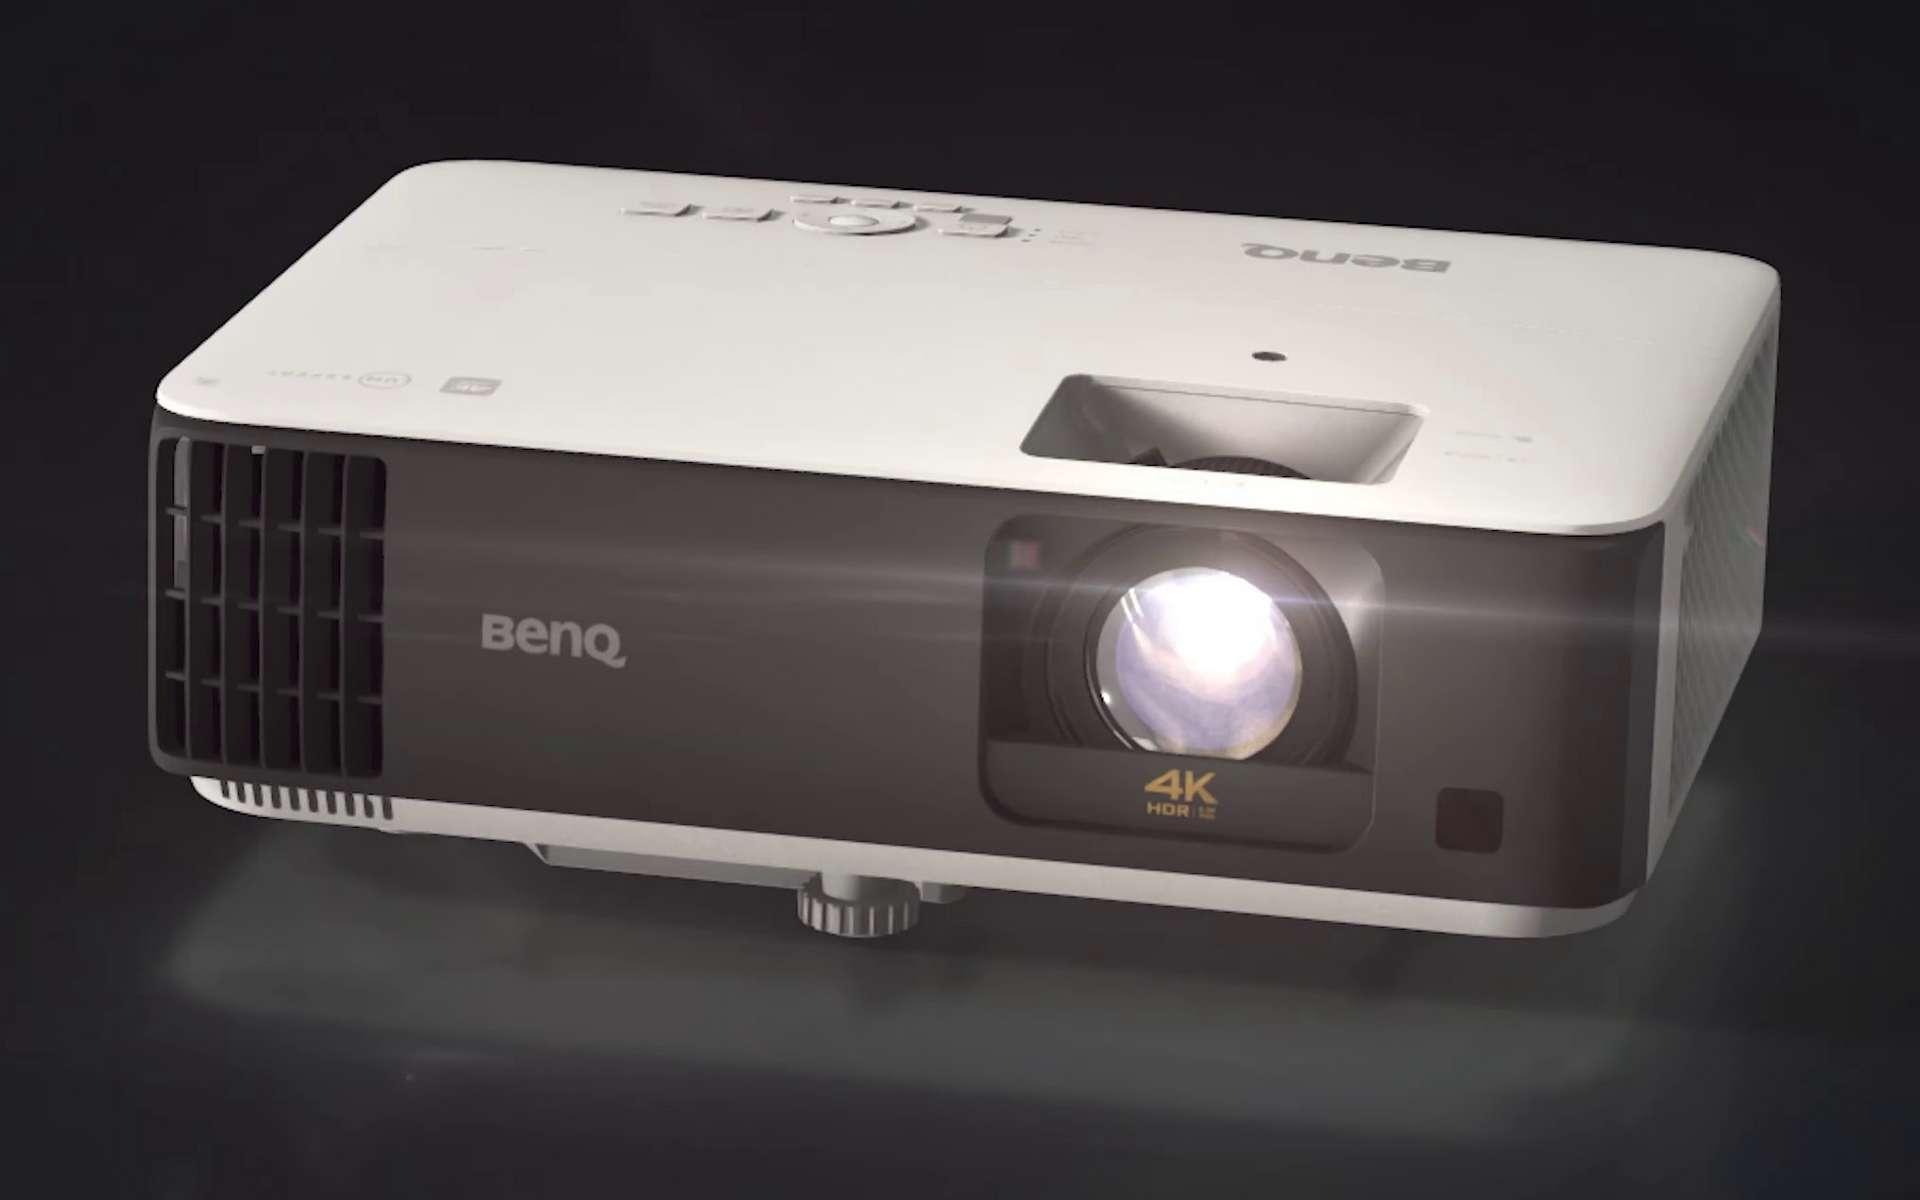 Le nouveau projecteur TK700STi de BenQ à destination des gamers. © BenQ